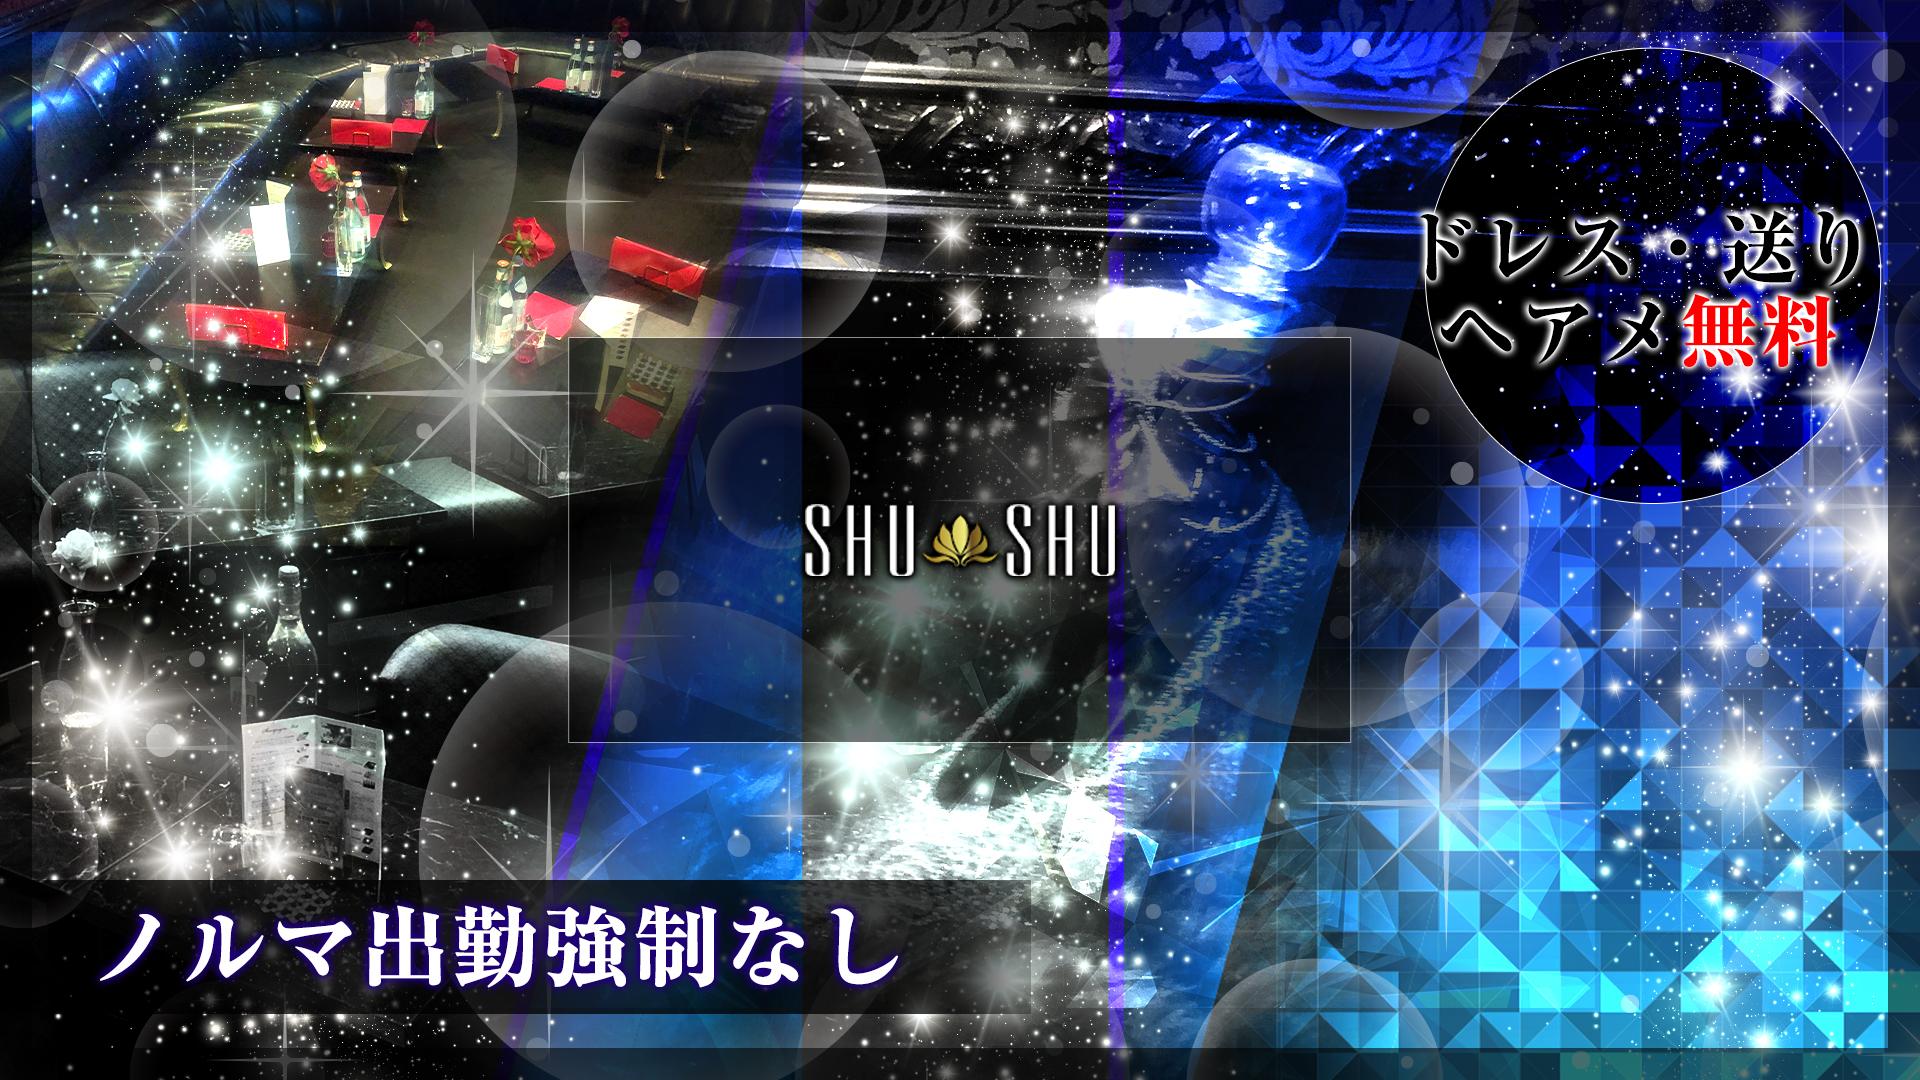 SHU-SHU[シュシュ] 津田沼 キャバクラ TOP画像